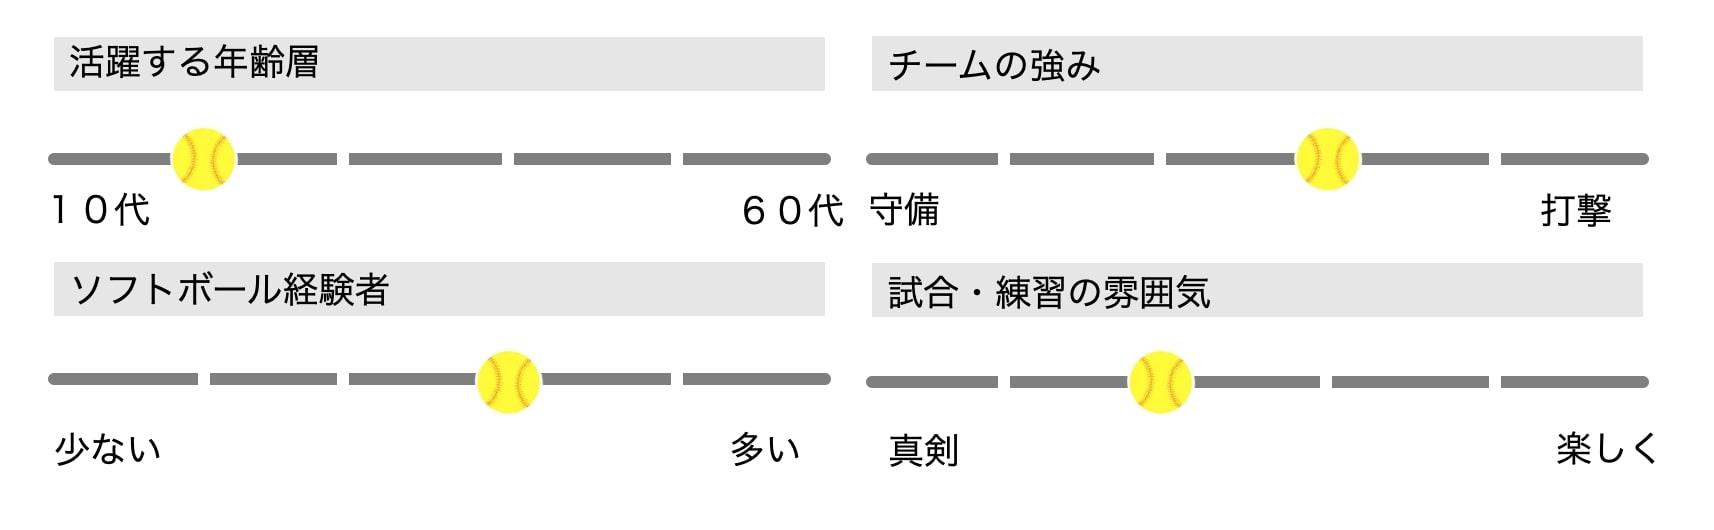 【男女ソフトボール】ヴィーナス(東京都大田区)メンバー募集